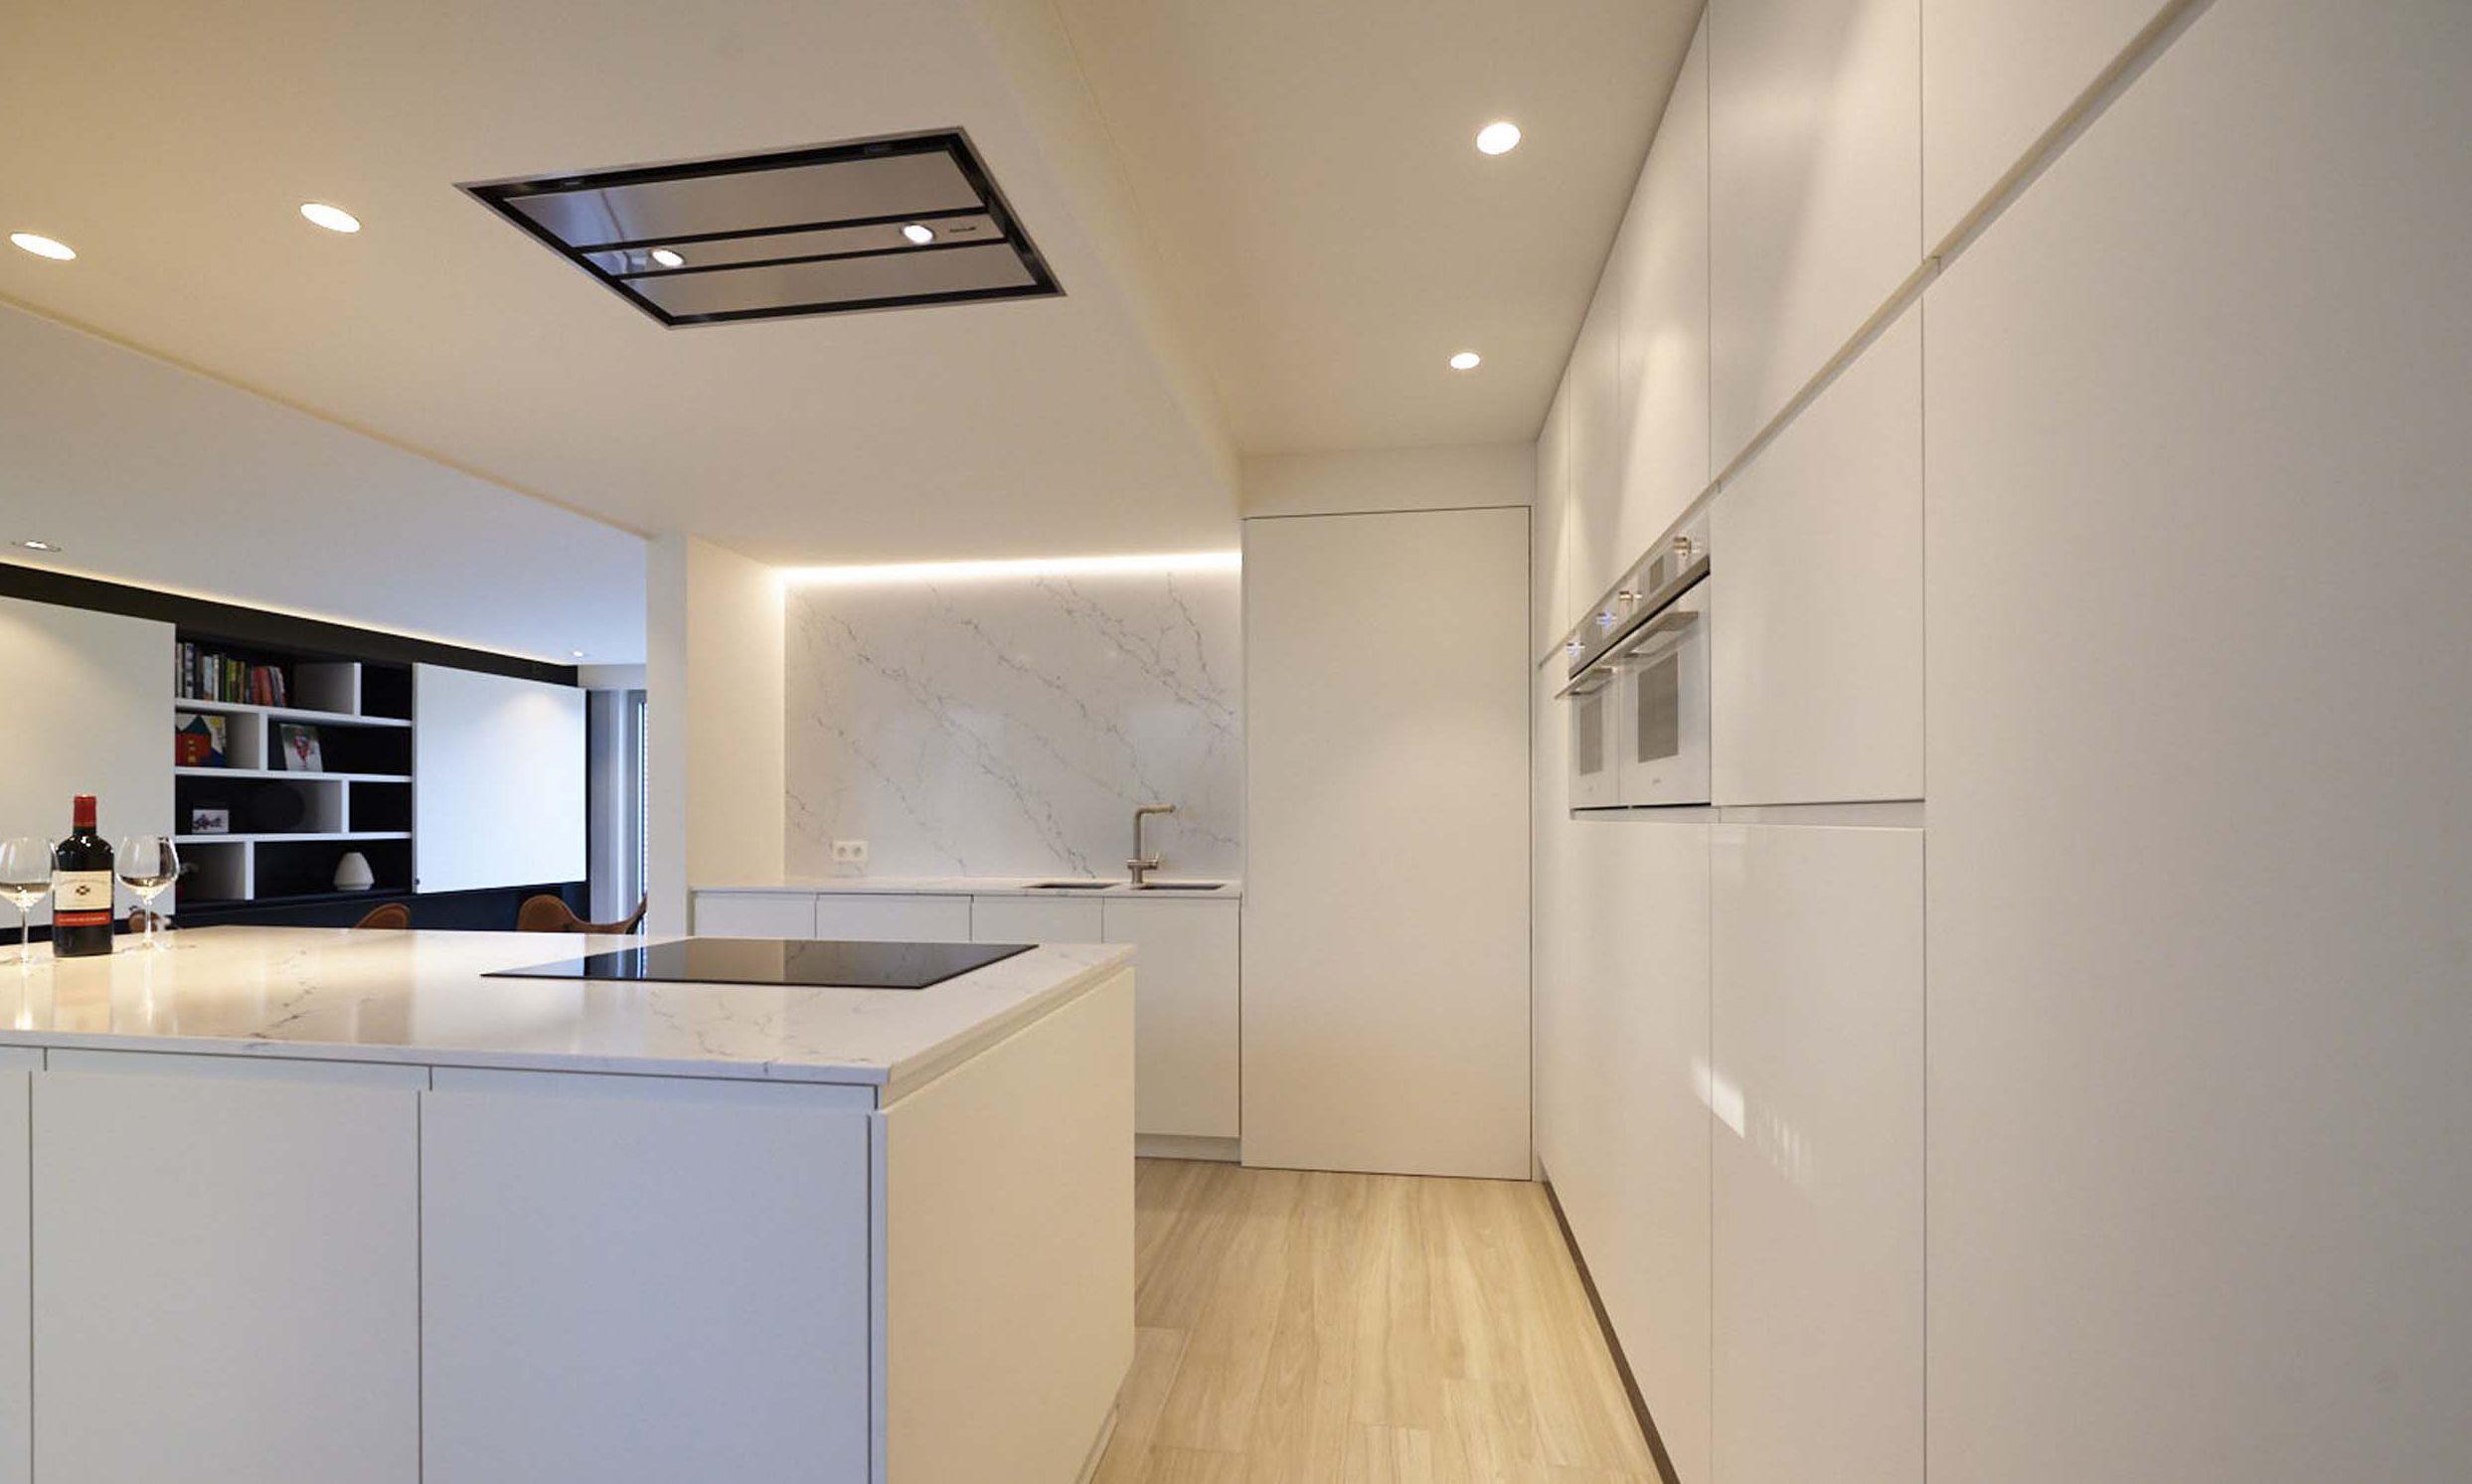 Vanda-projects-interieurinrichting-meubelmakerij-oost-vlaanderen-verstraete-tielt-keukenblok